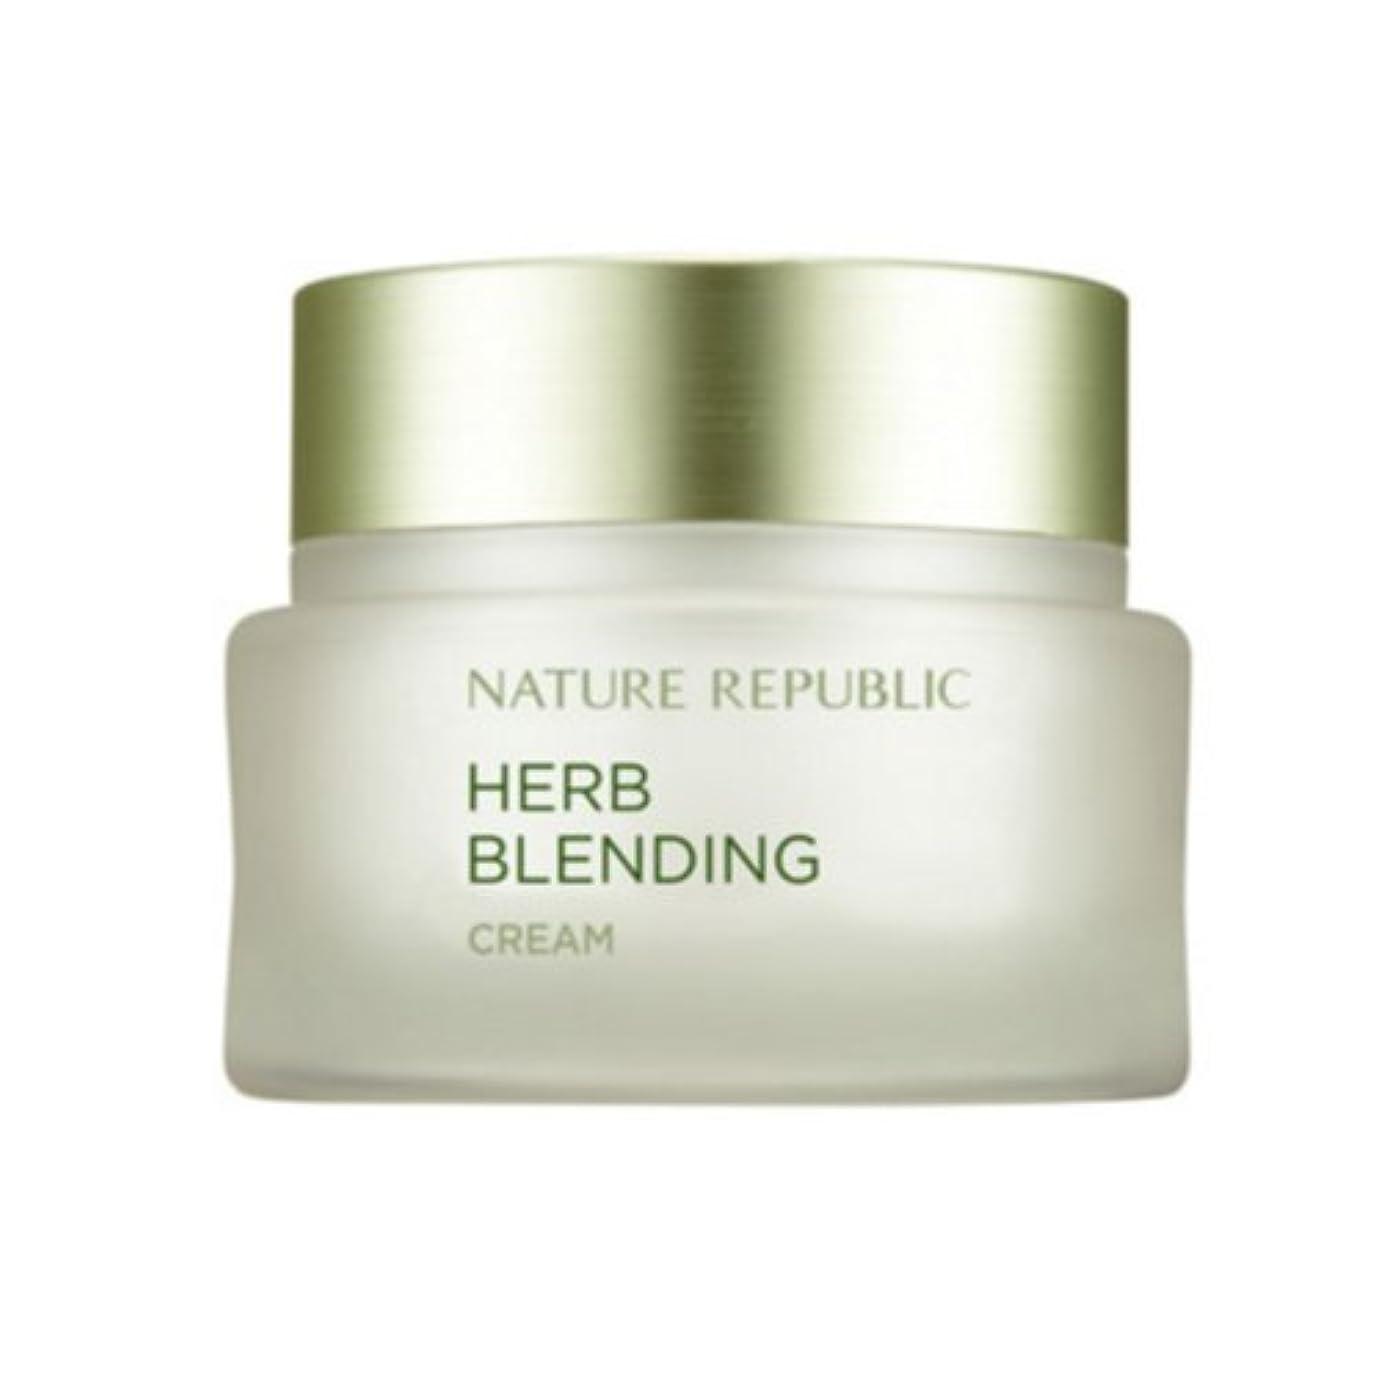 ガスワーカー内部[ネイチャーリパブリック] Nature republicハブブレンディングクリーム海外直送品(Herb Blending Cream) [並行輸入品]